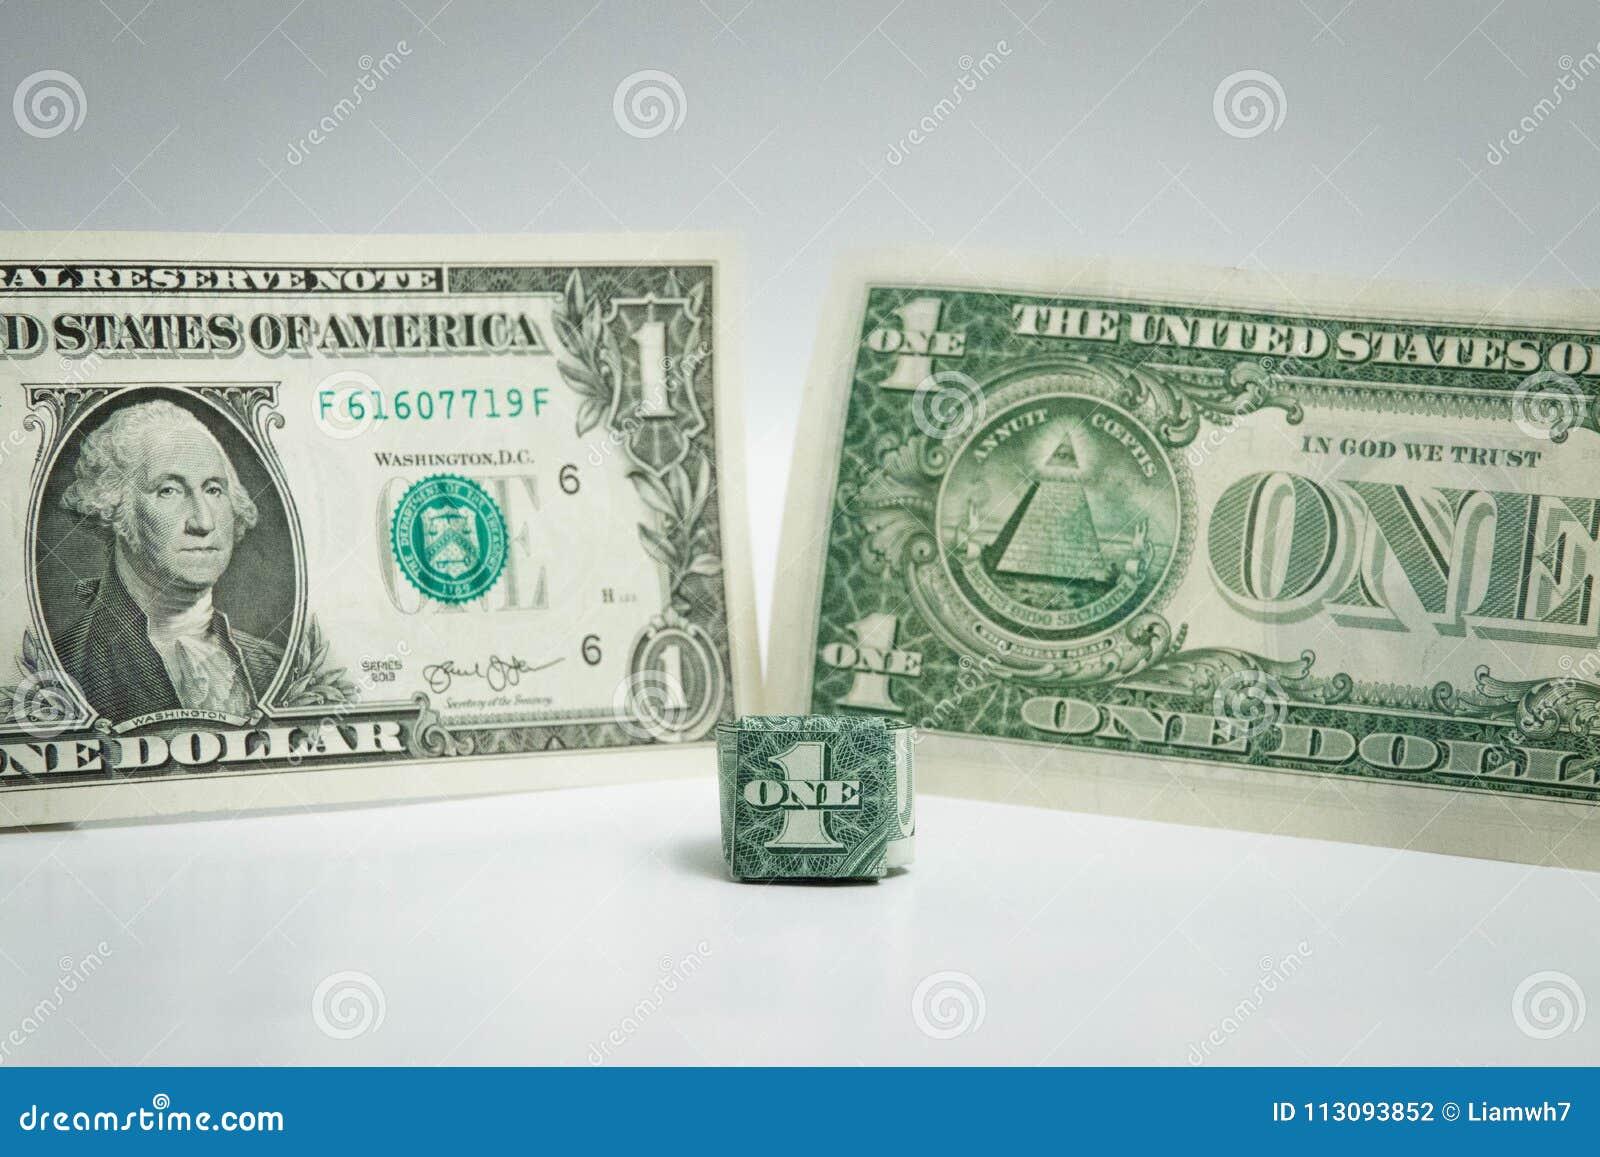 Amazon.com: Dollar bill Money Origami heart box ring Graduation ... | 957x1300